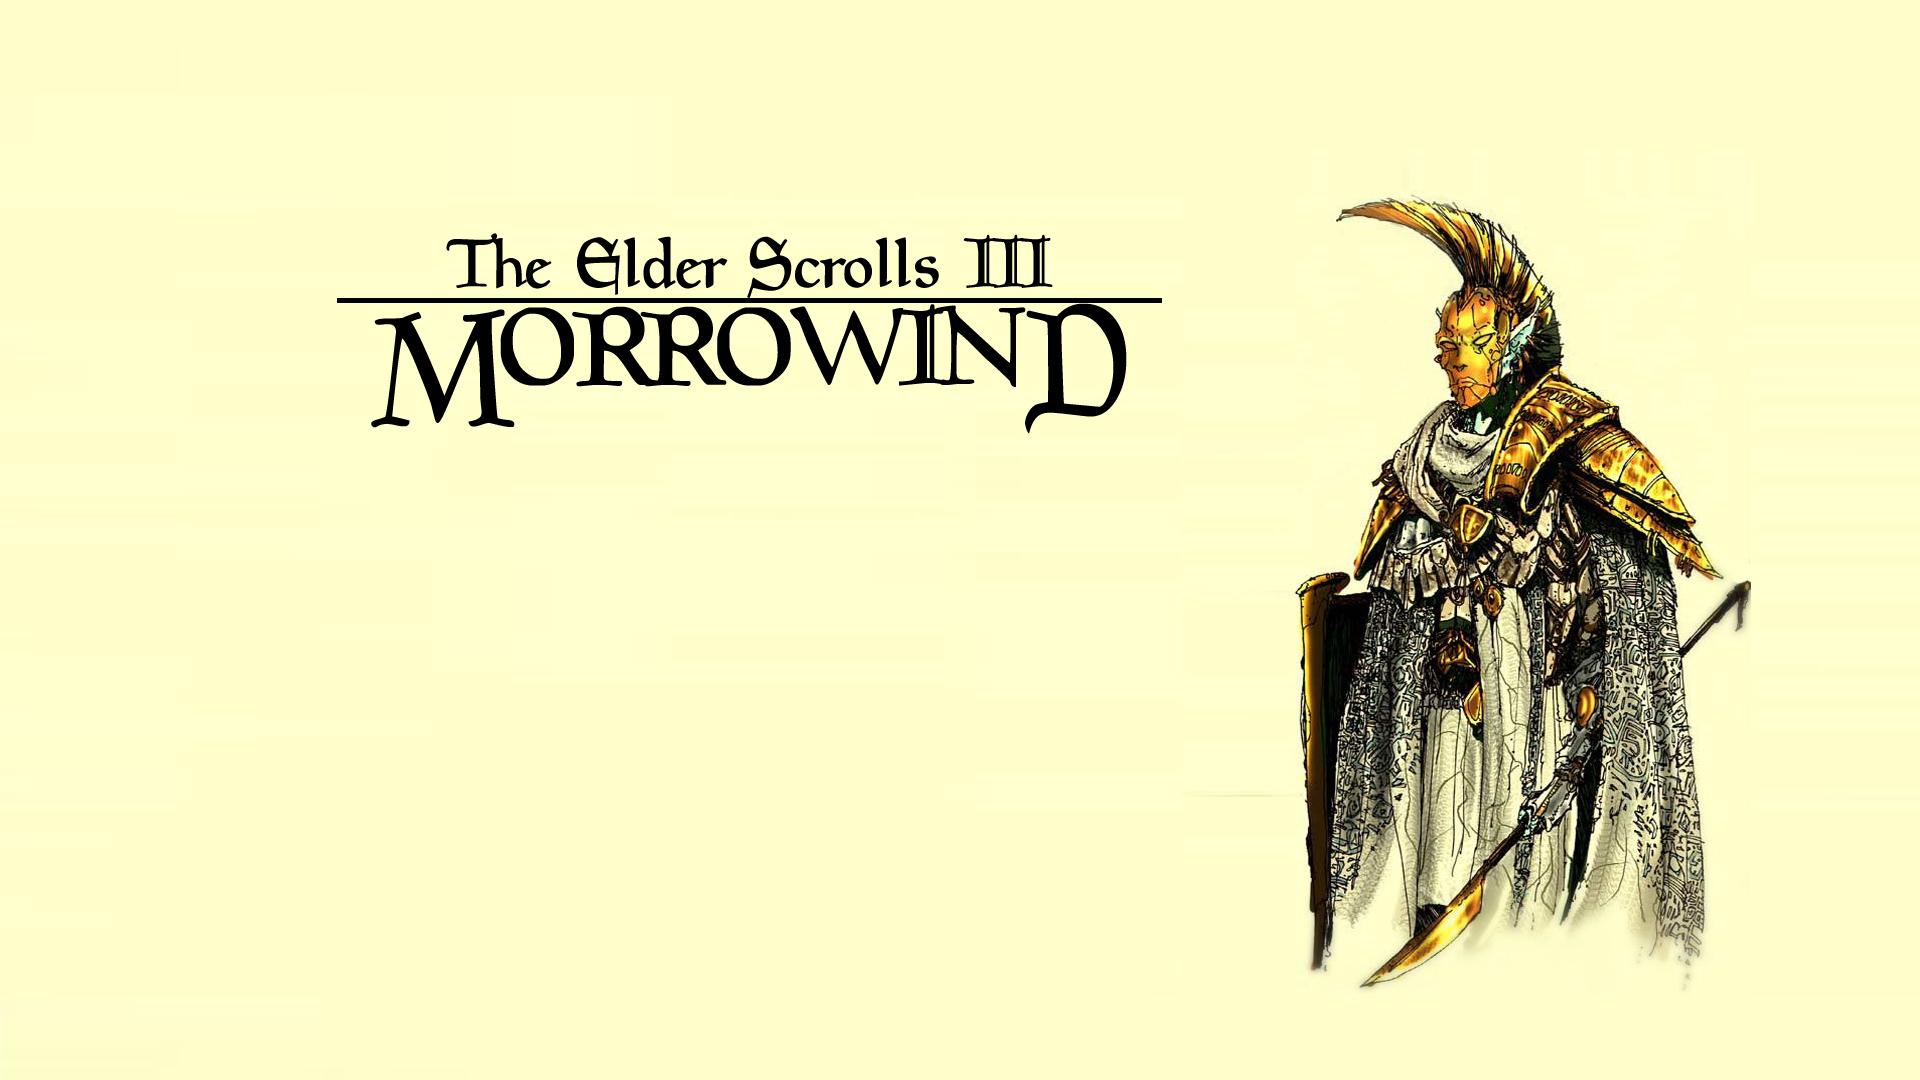 Photo The Elder Scrolls The Elder Scrolls III: Morrowind